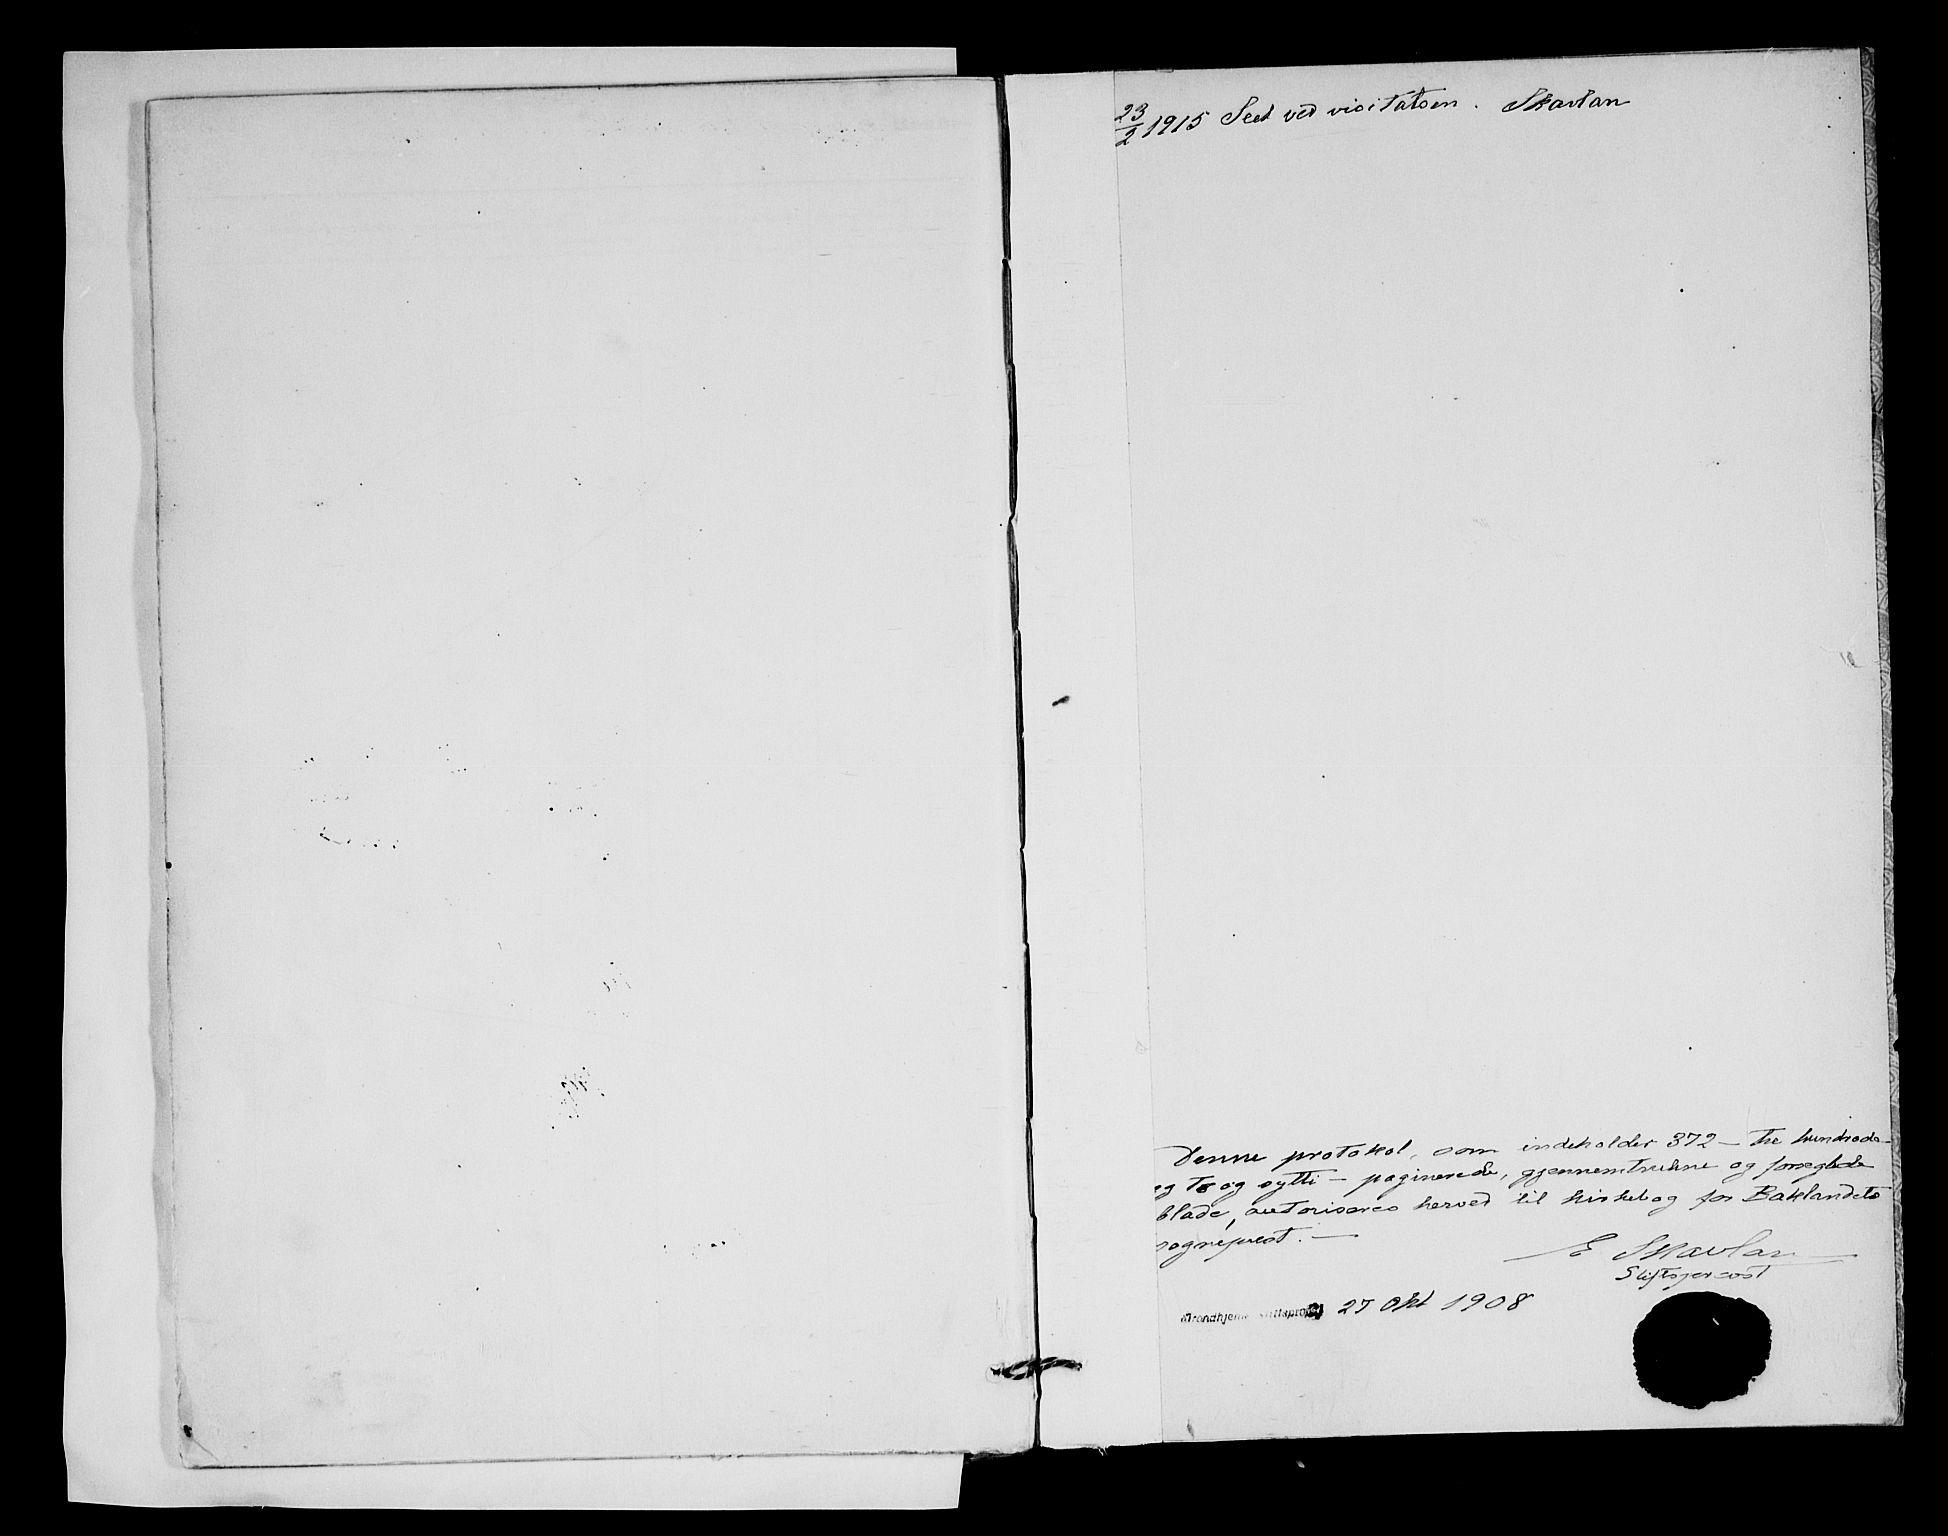 SAT, Ministerialprotokoller, klokkerbøker og fødselsregistre - Sør-Trøndelag, 604/L0203: Ministerialbok nr. 604A23, 1908-1916